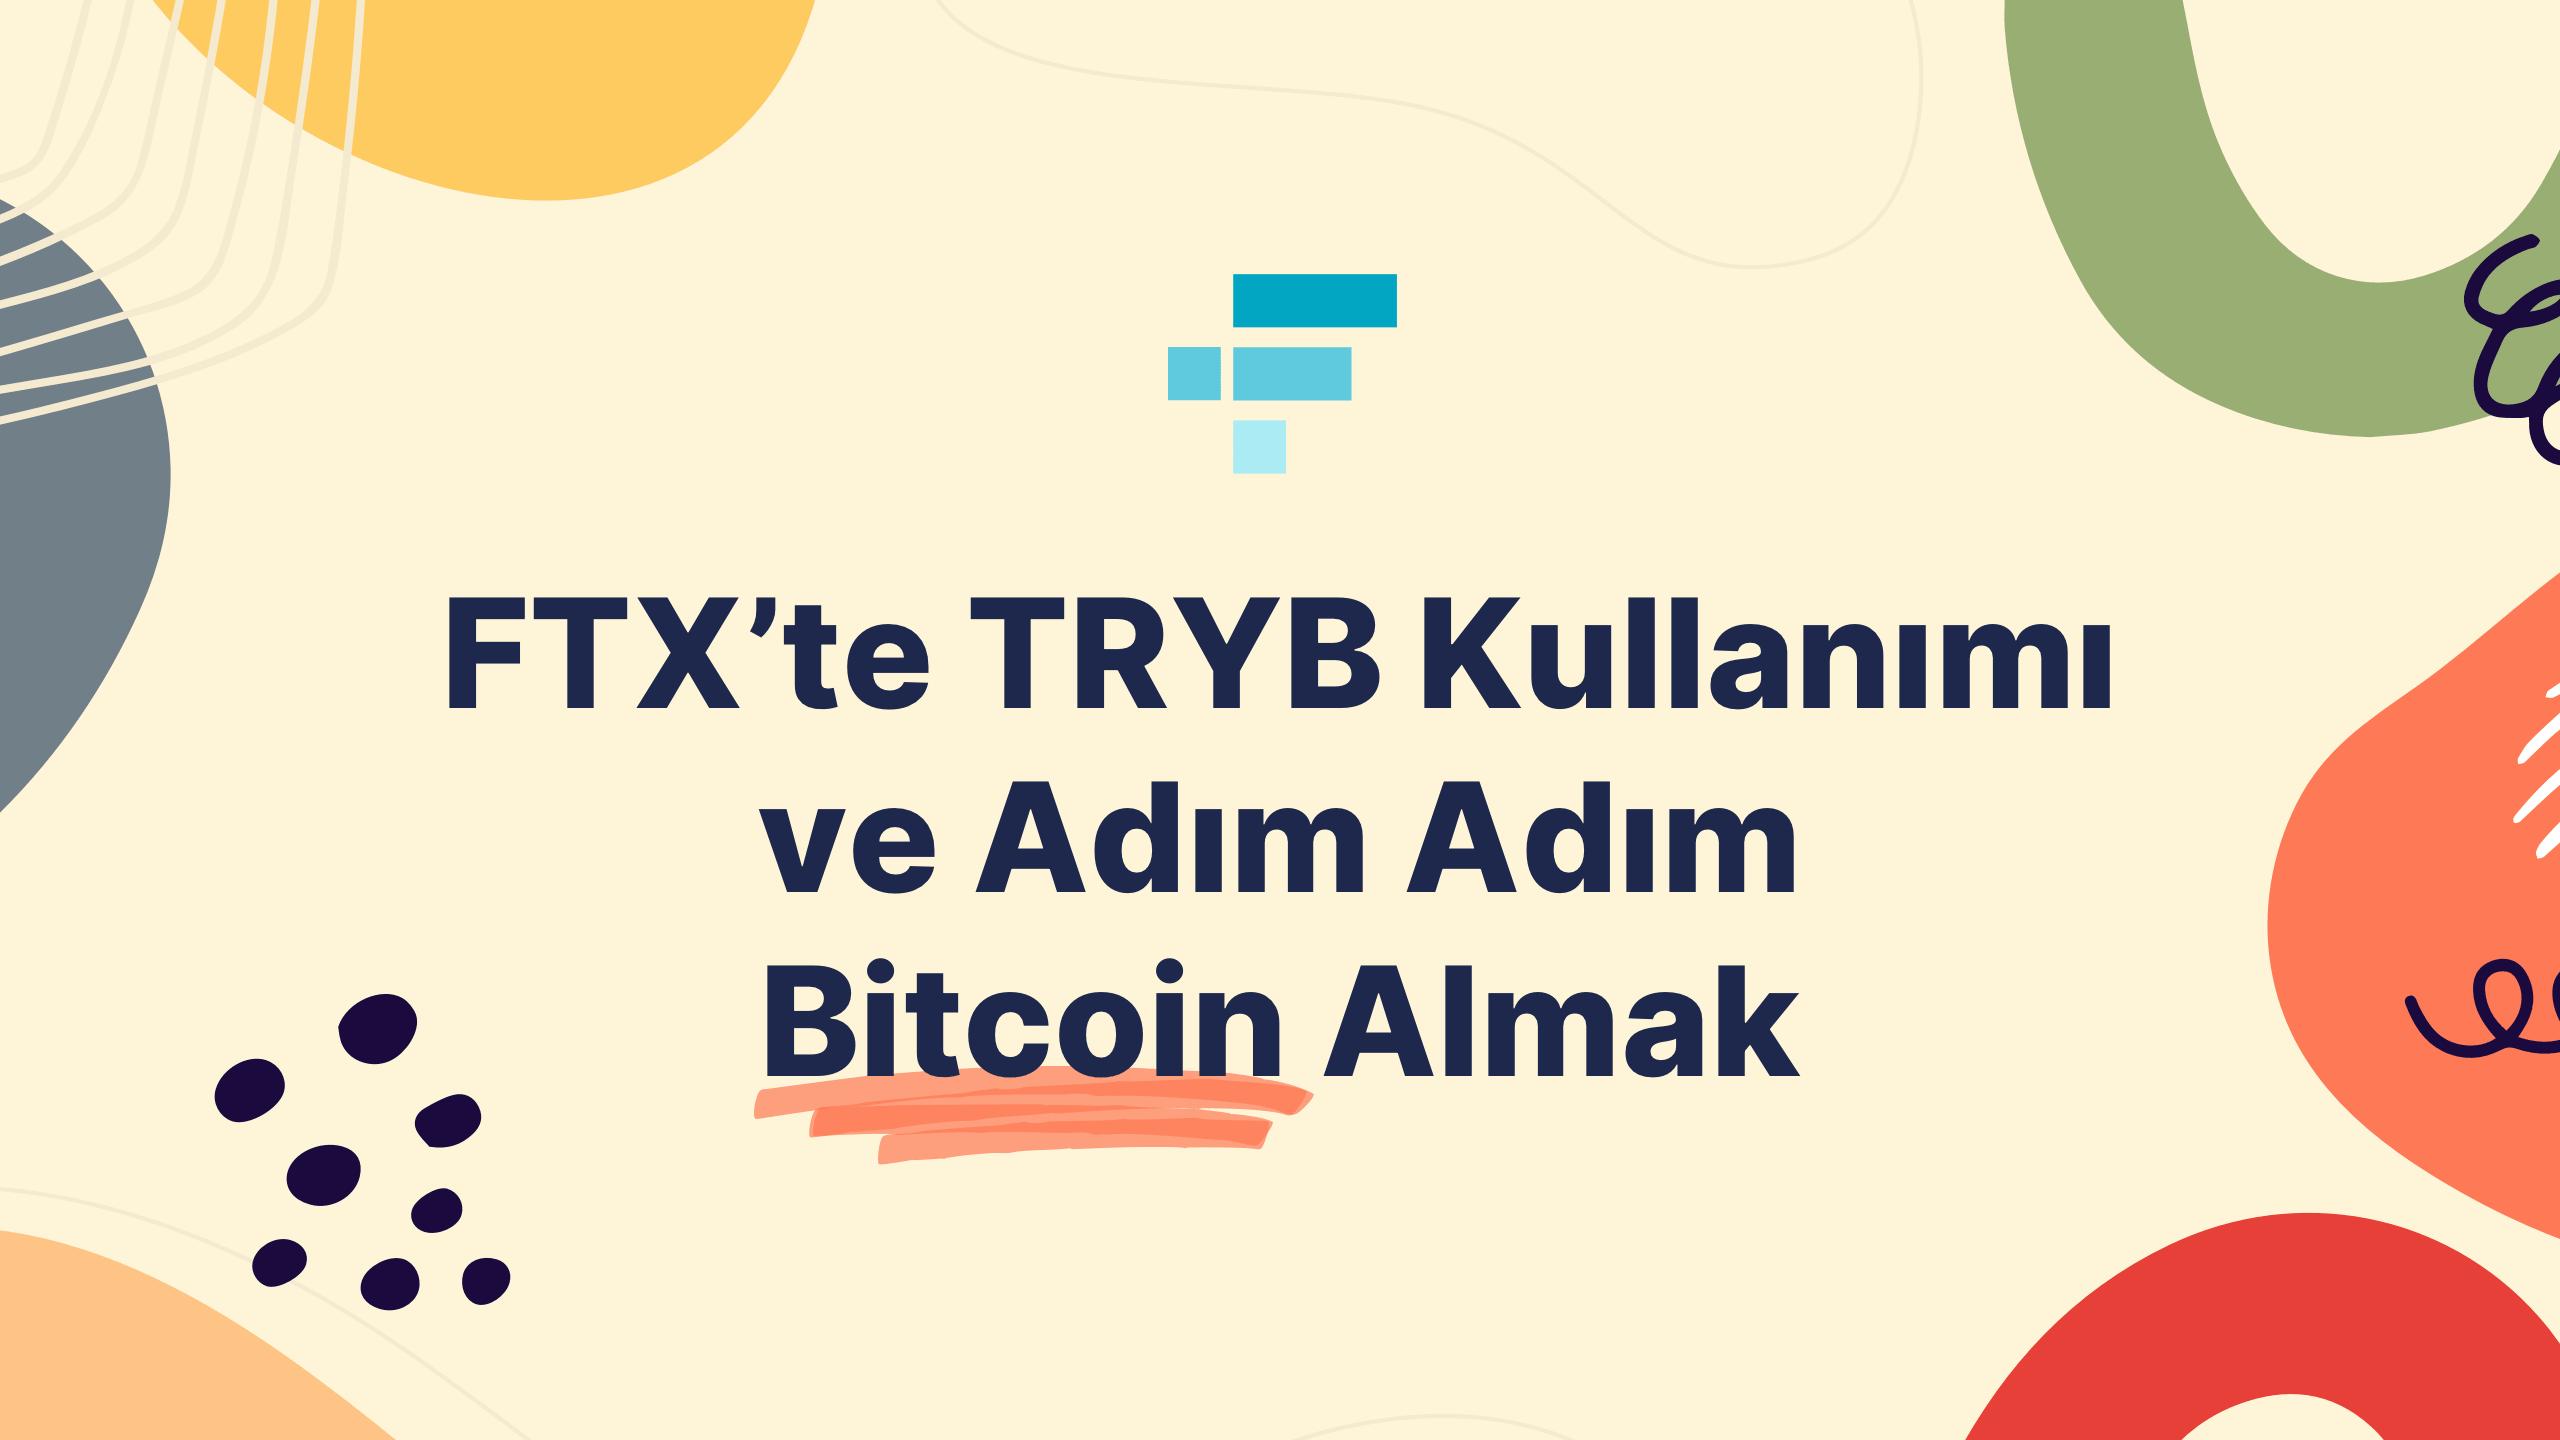 FTX Üzerinde TRYB Kullanımı ve Adım Adım Bitcoin Almak